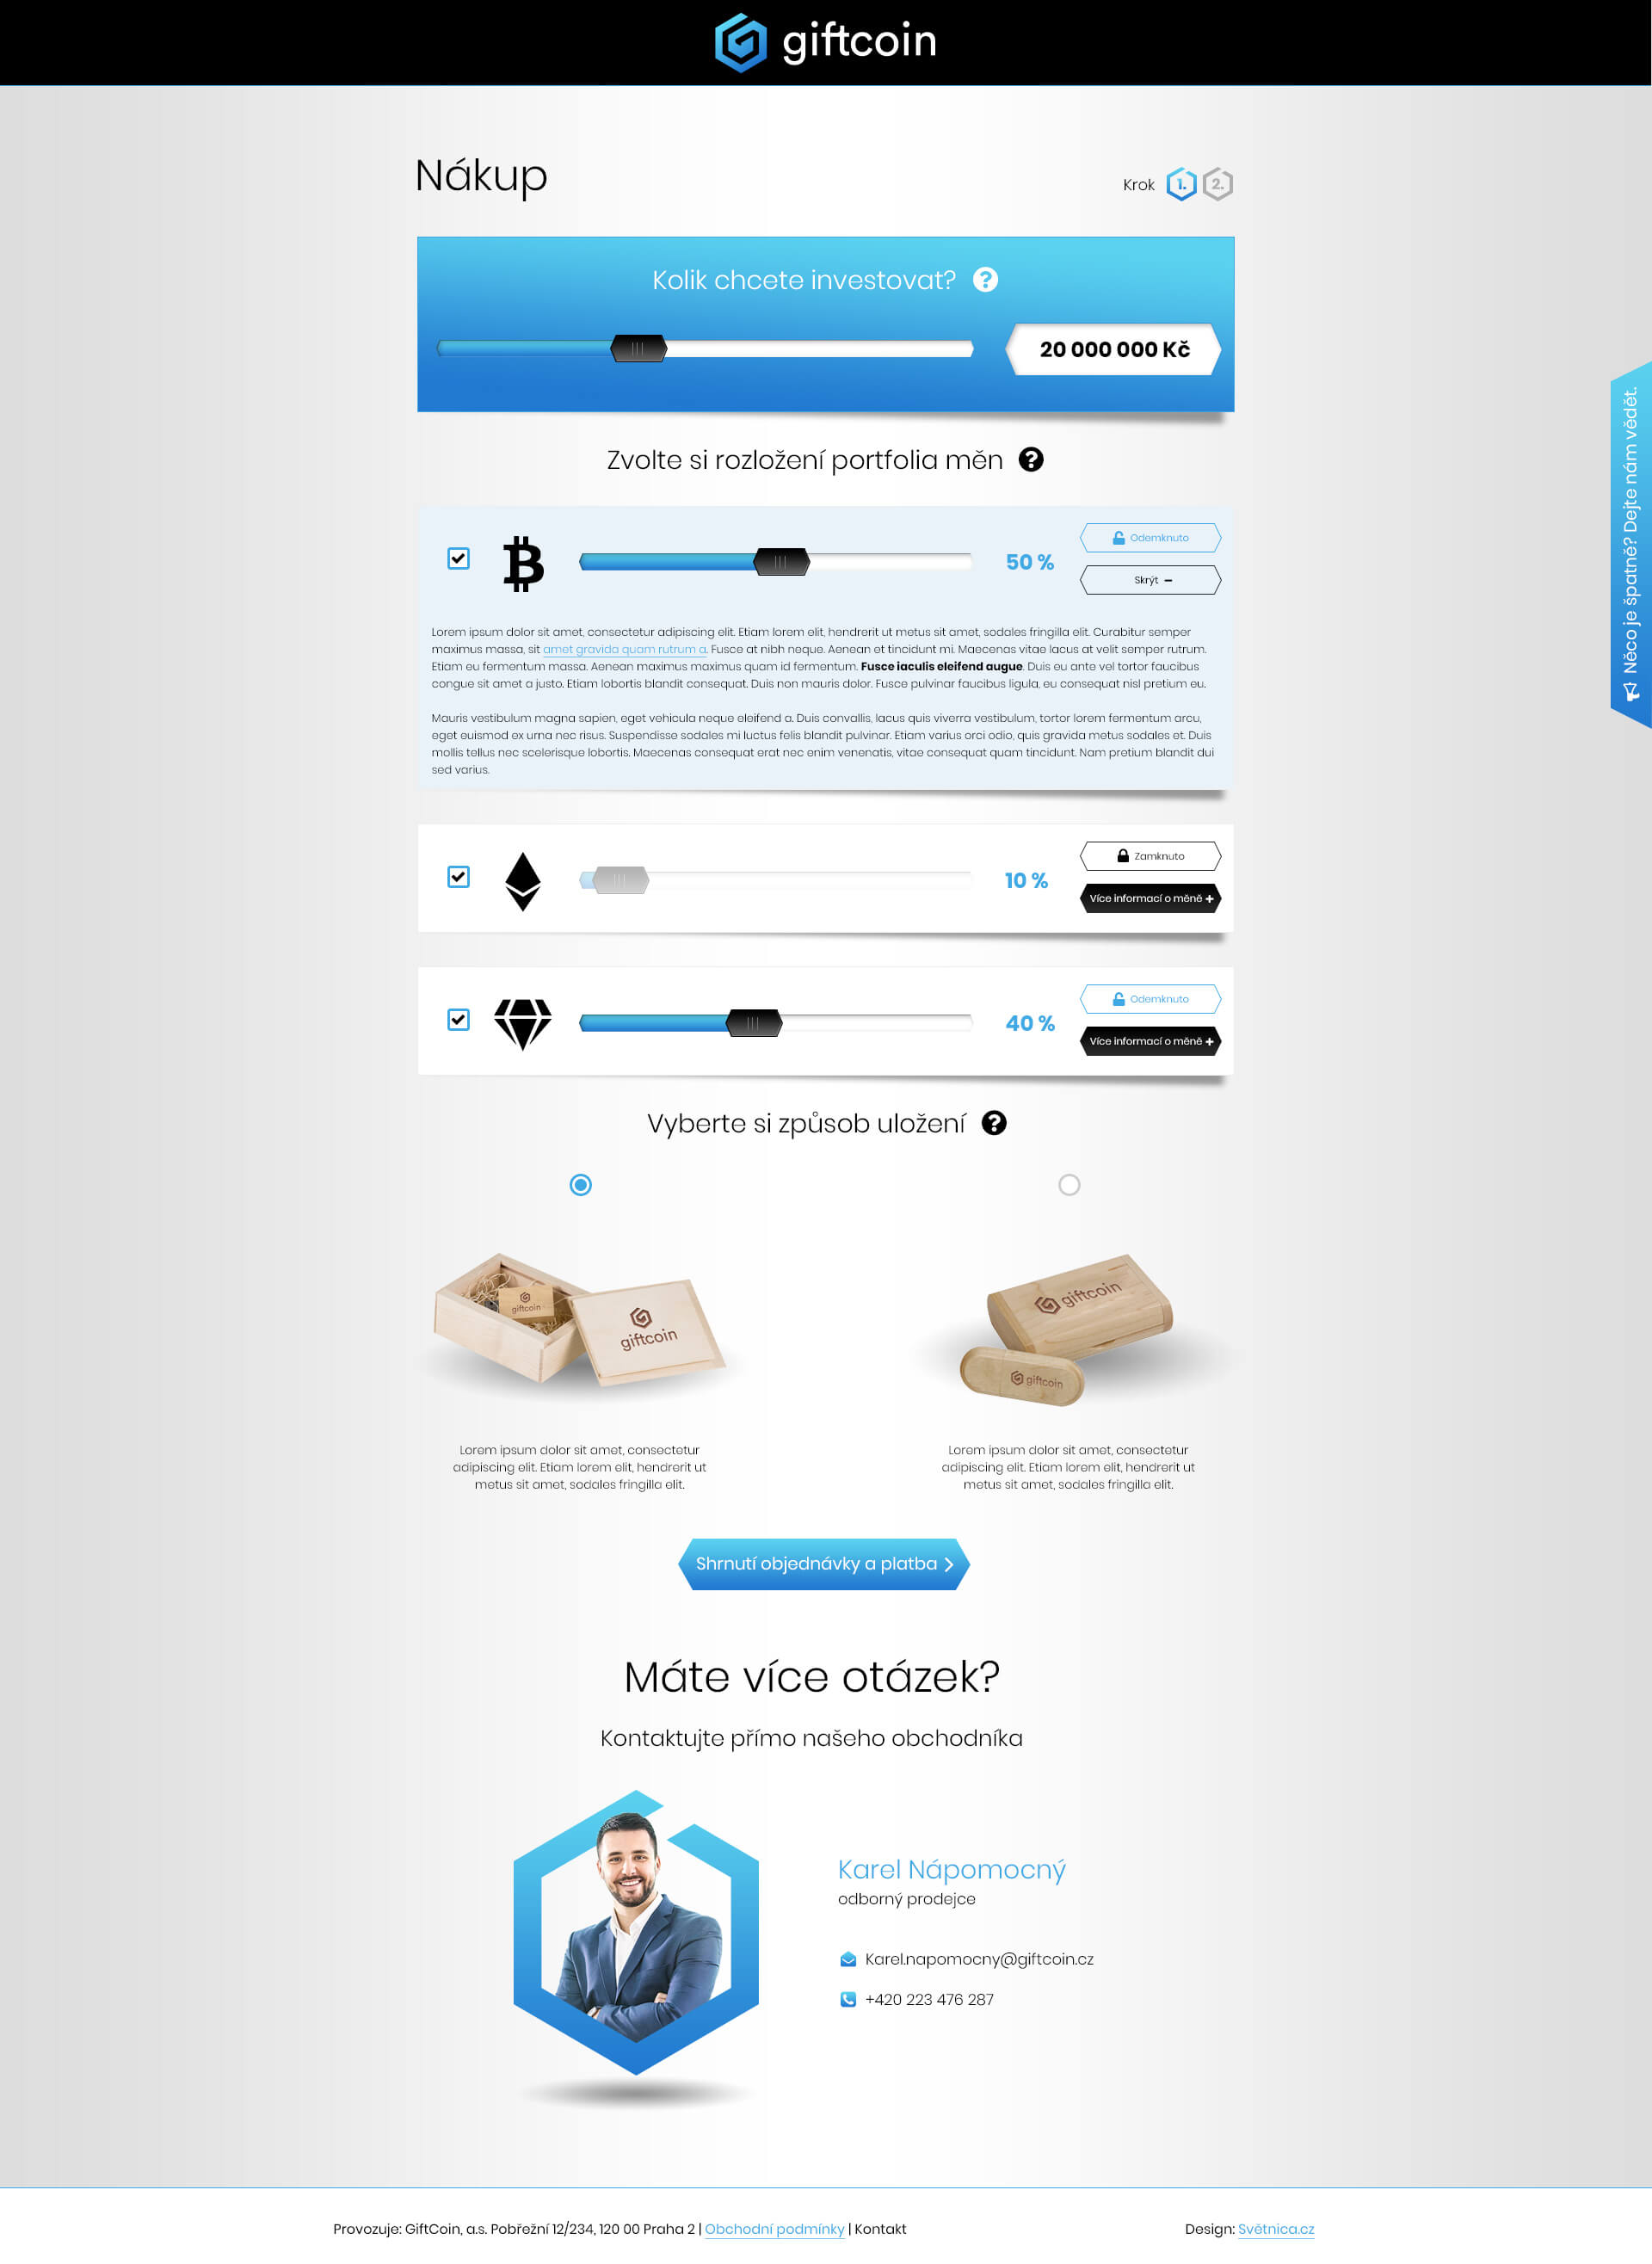 giftcoin-webdesign-svetnica-krok-1